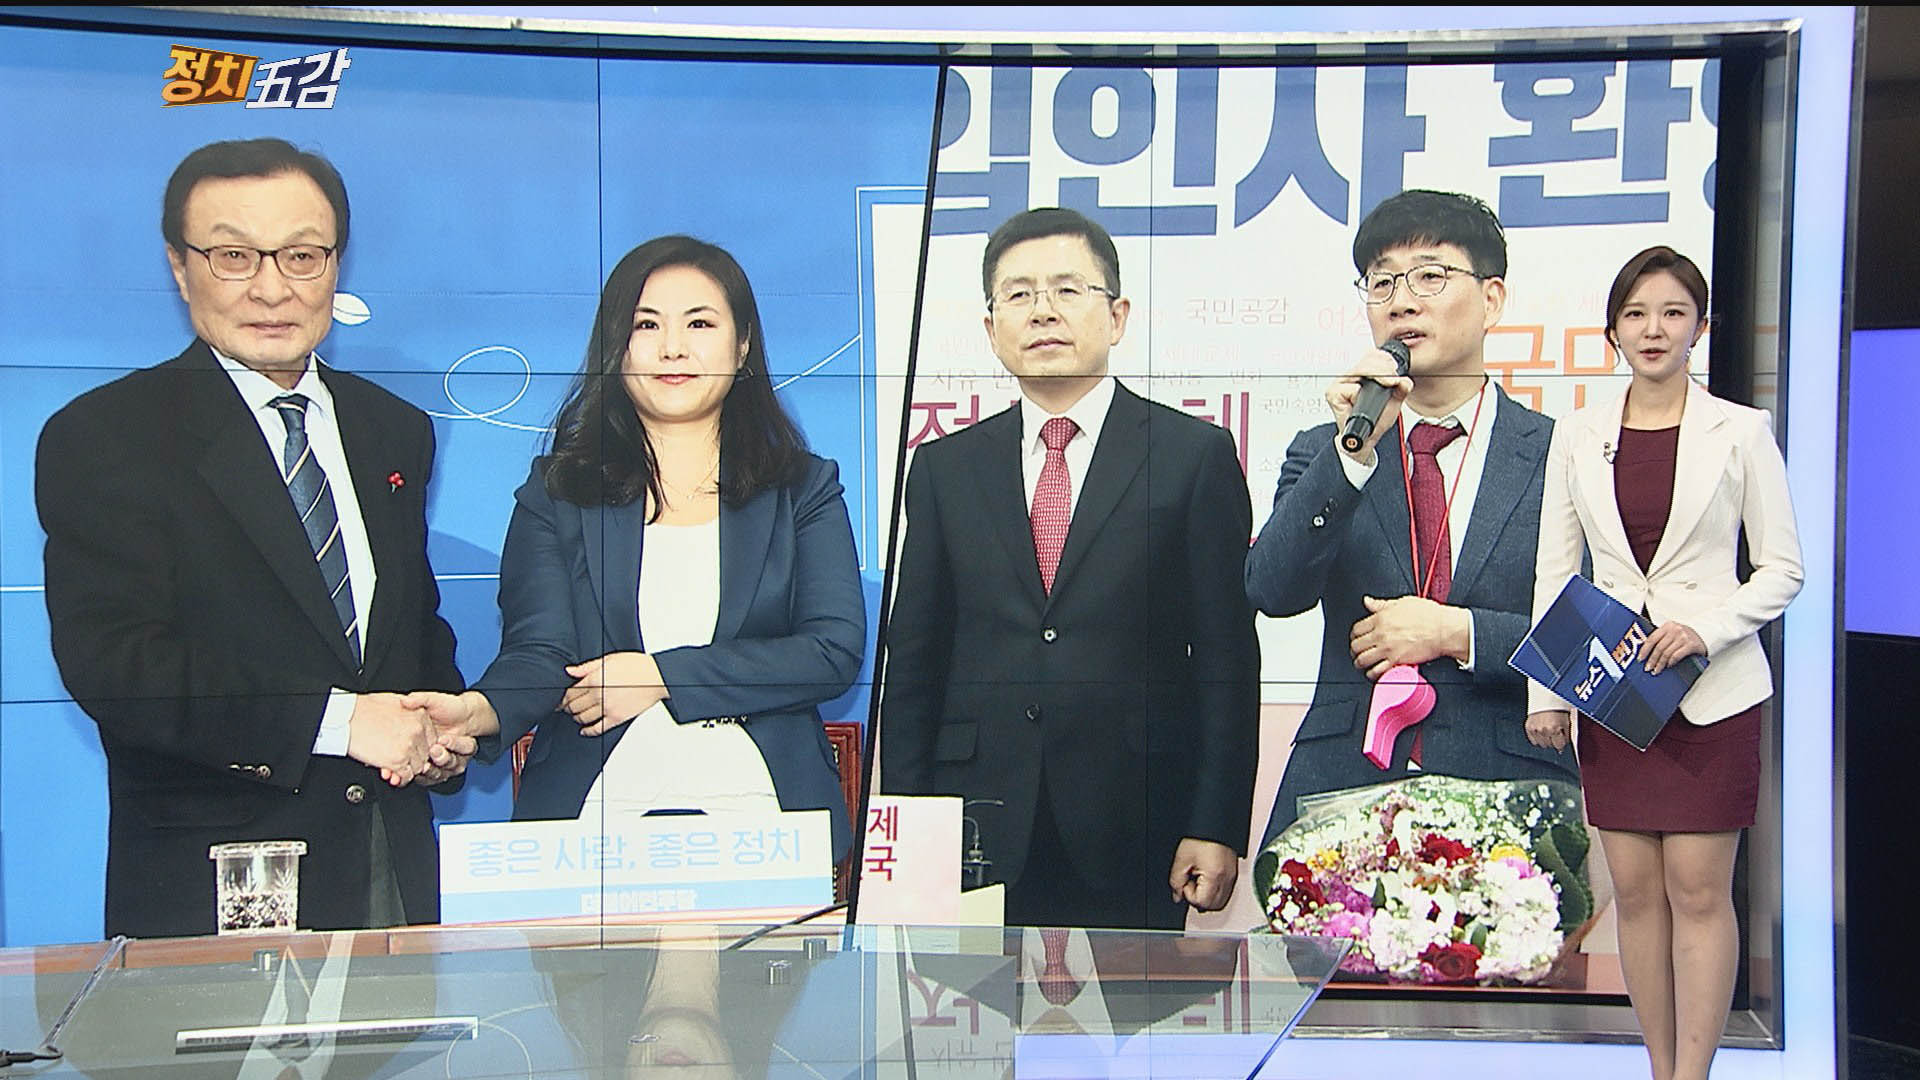 [정치五감] 민주당-한국당, <em class='find'>총선</em> 영입인재 발표 外